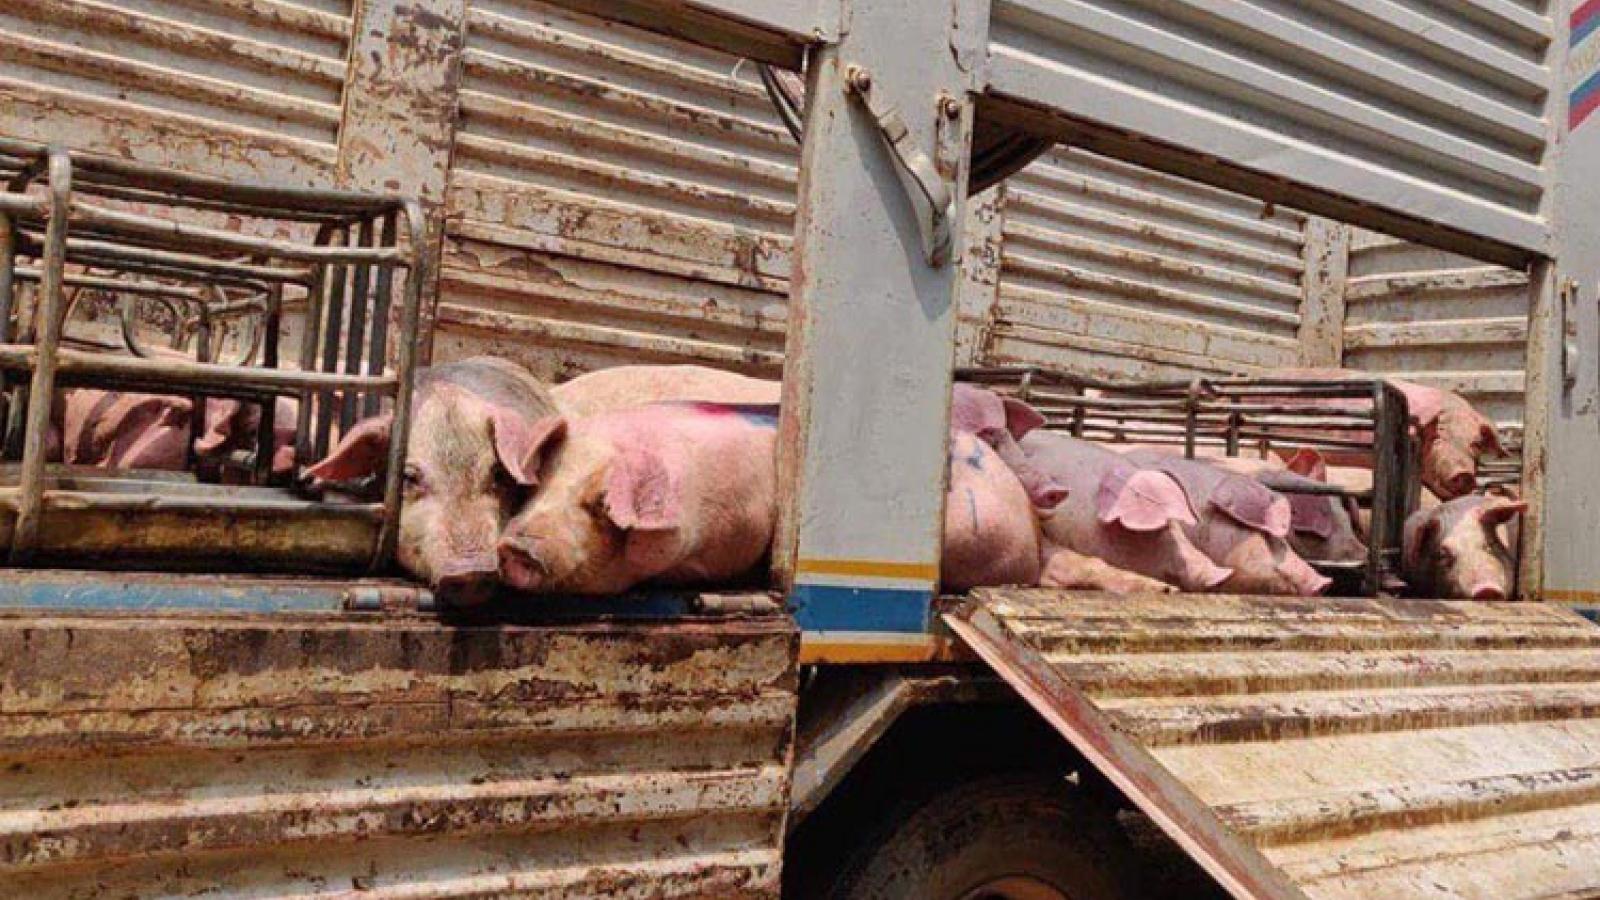 Campuchiatiêu hủy toàn bộ đàn lợn bị dịch tả lợn châu Phi